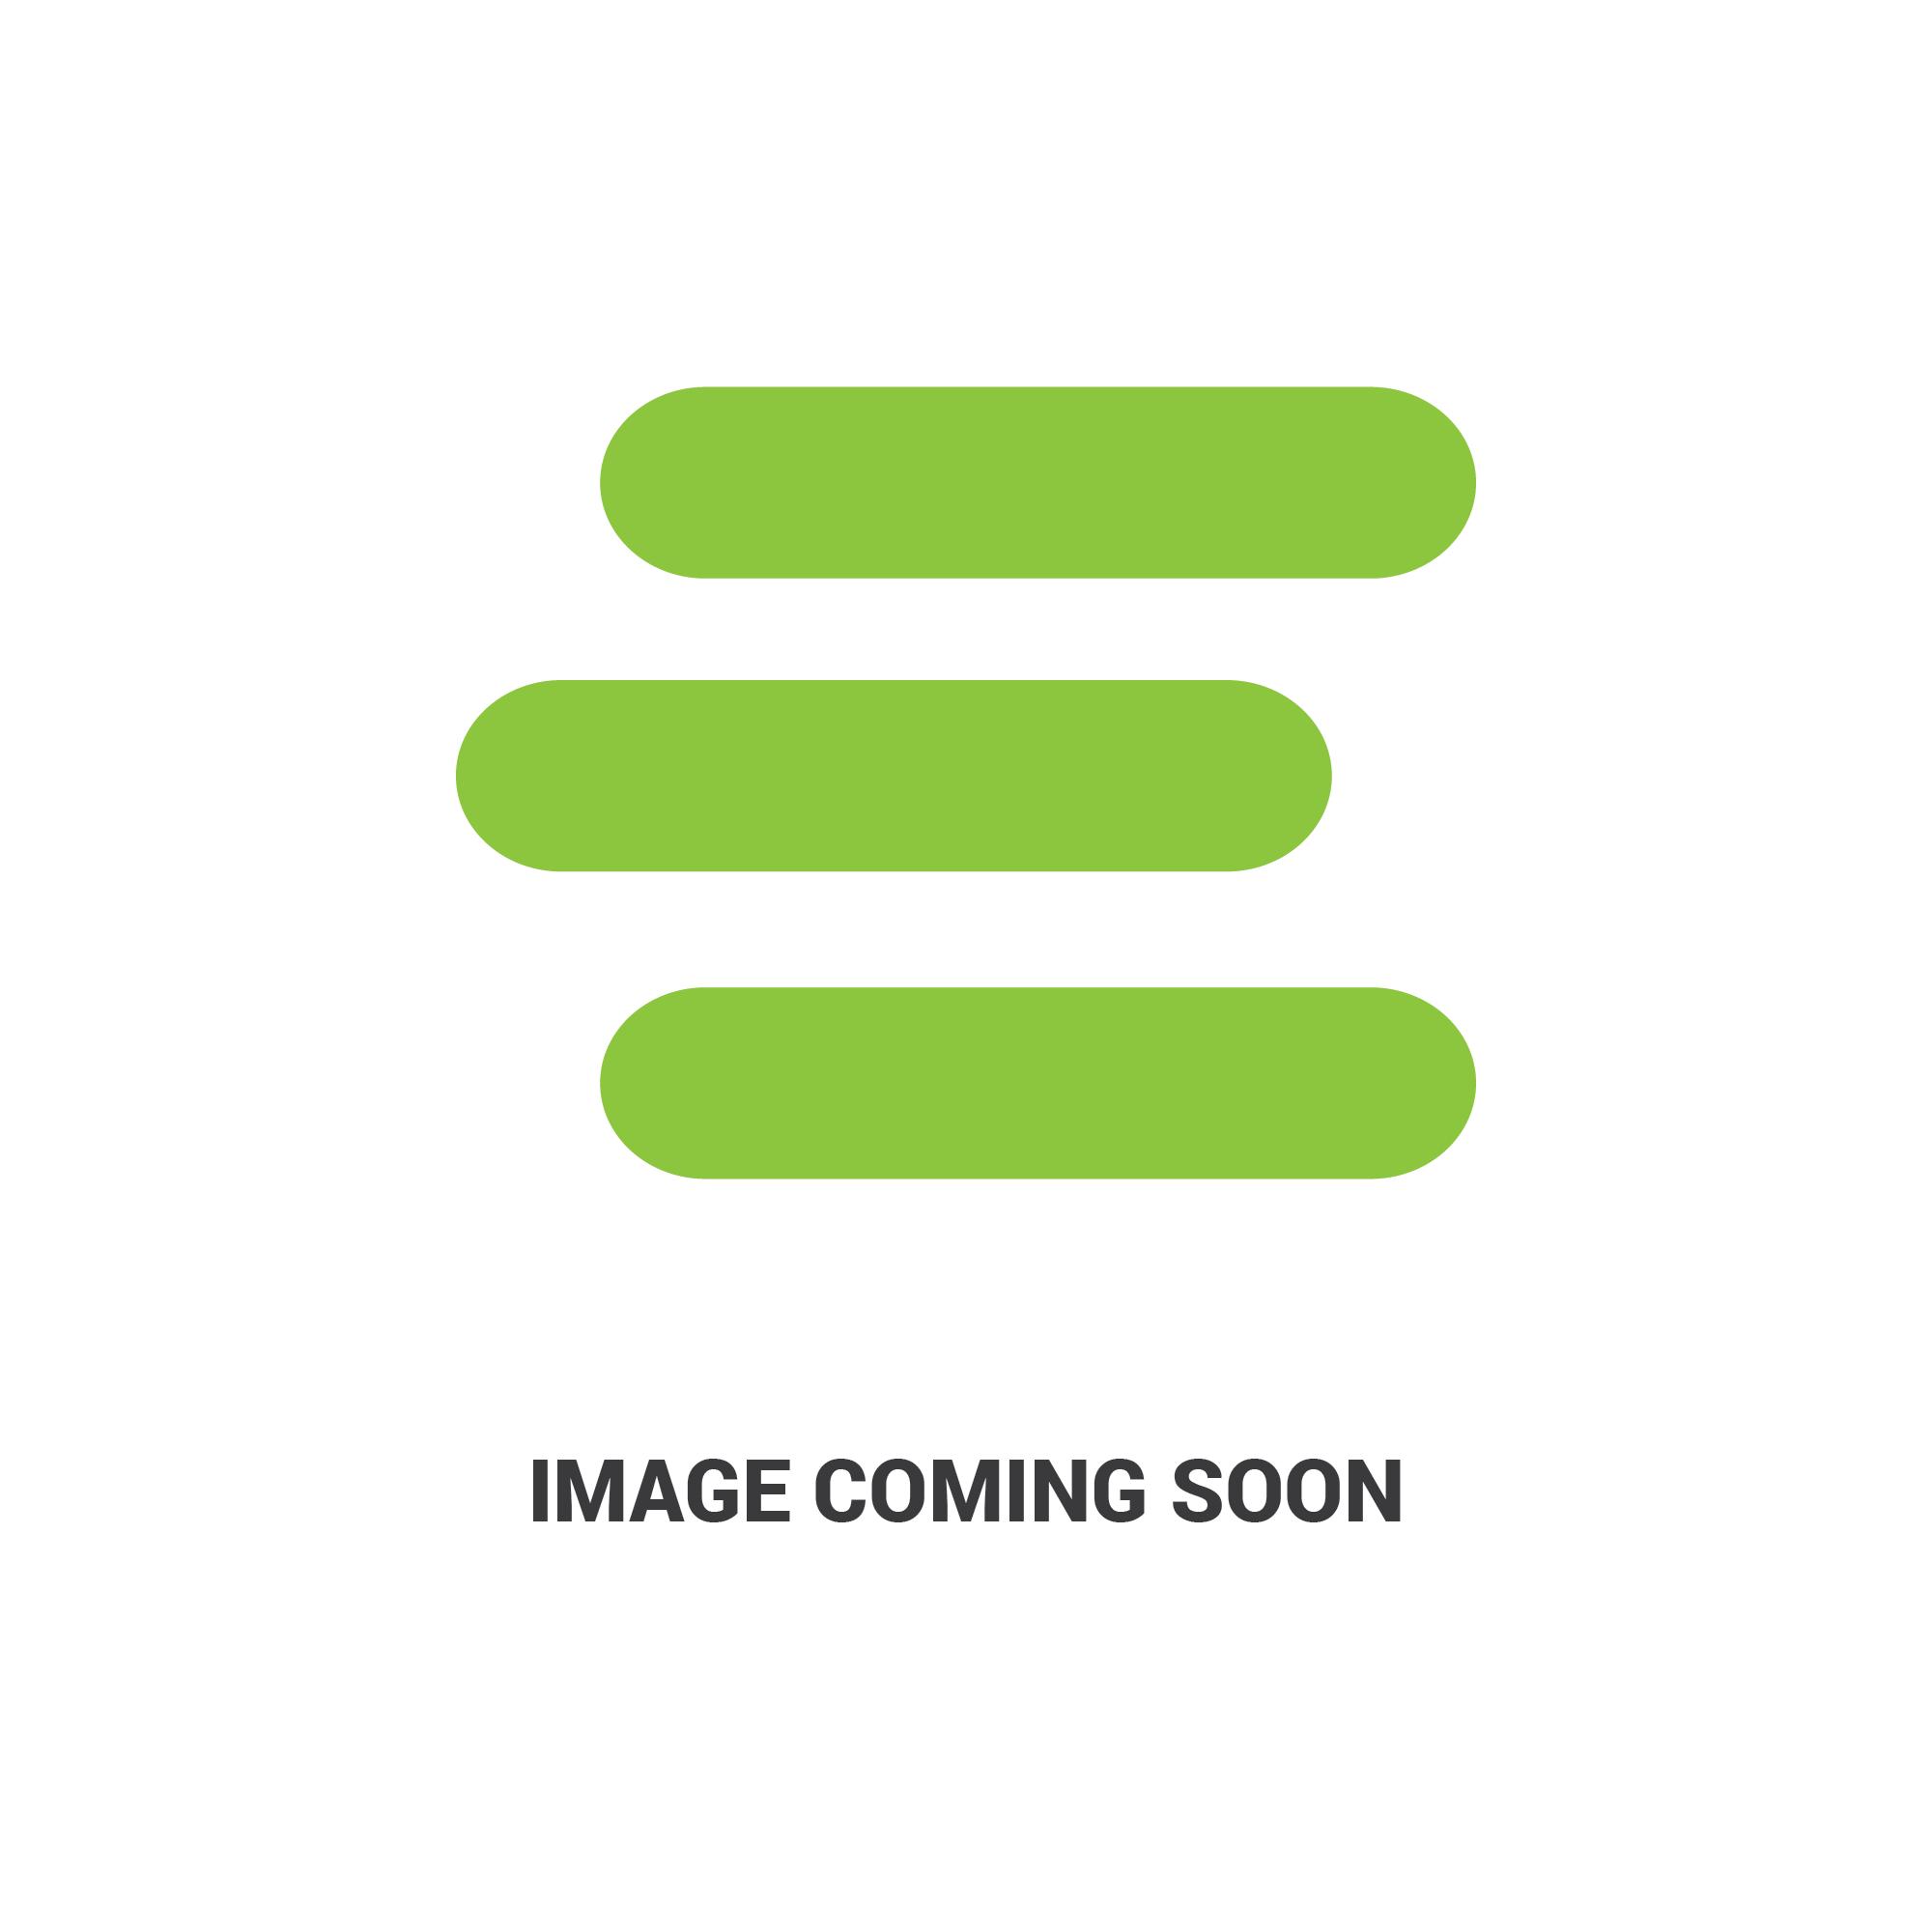 E-6C340-97913edit 254.jpg